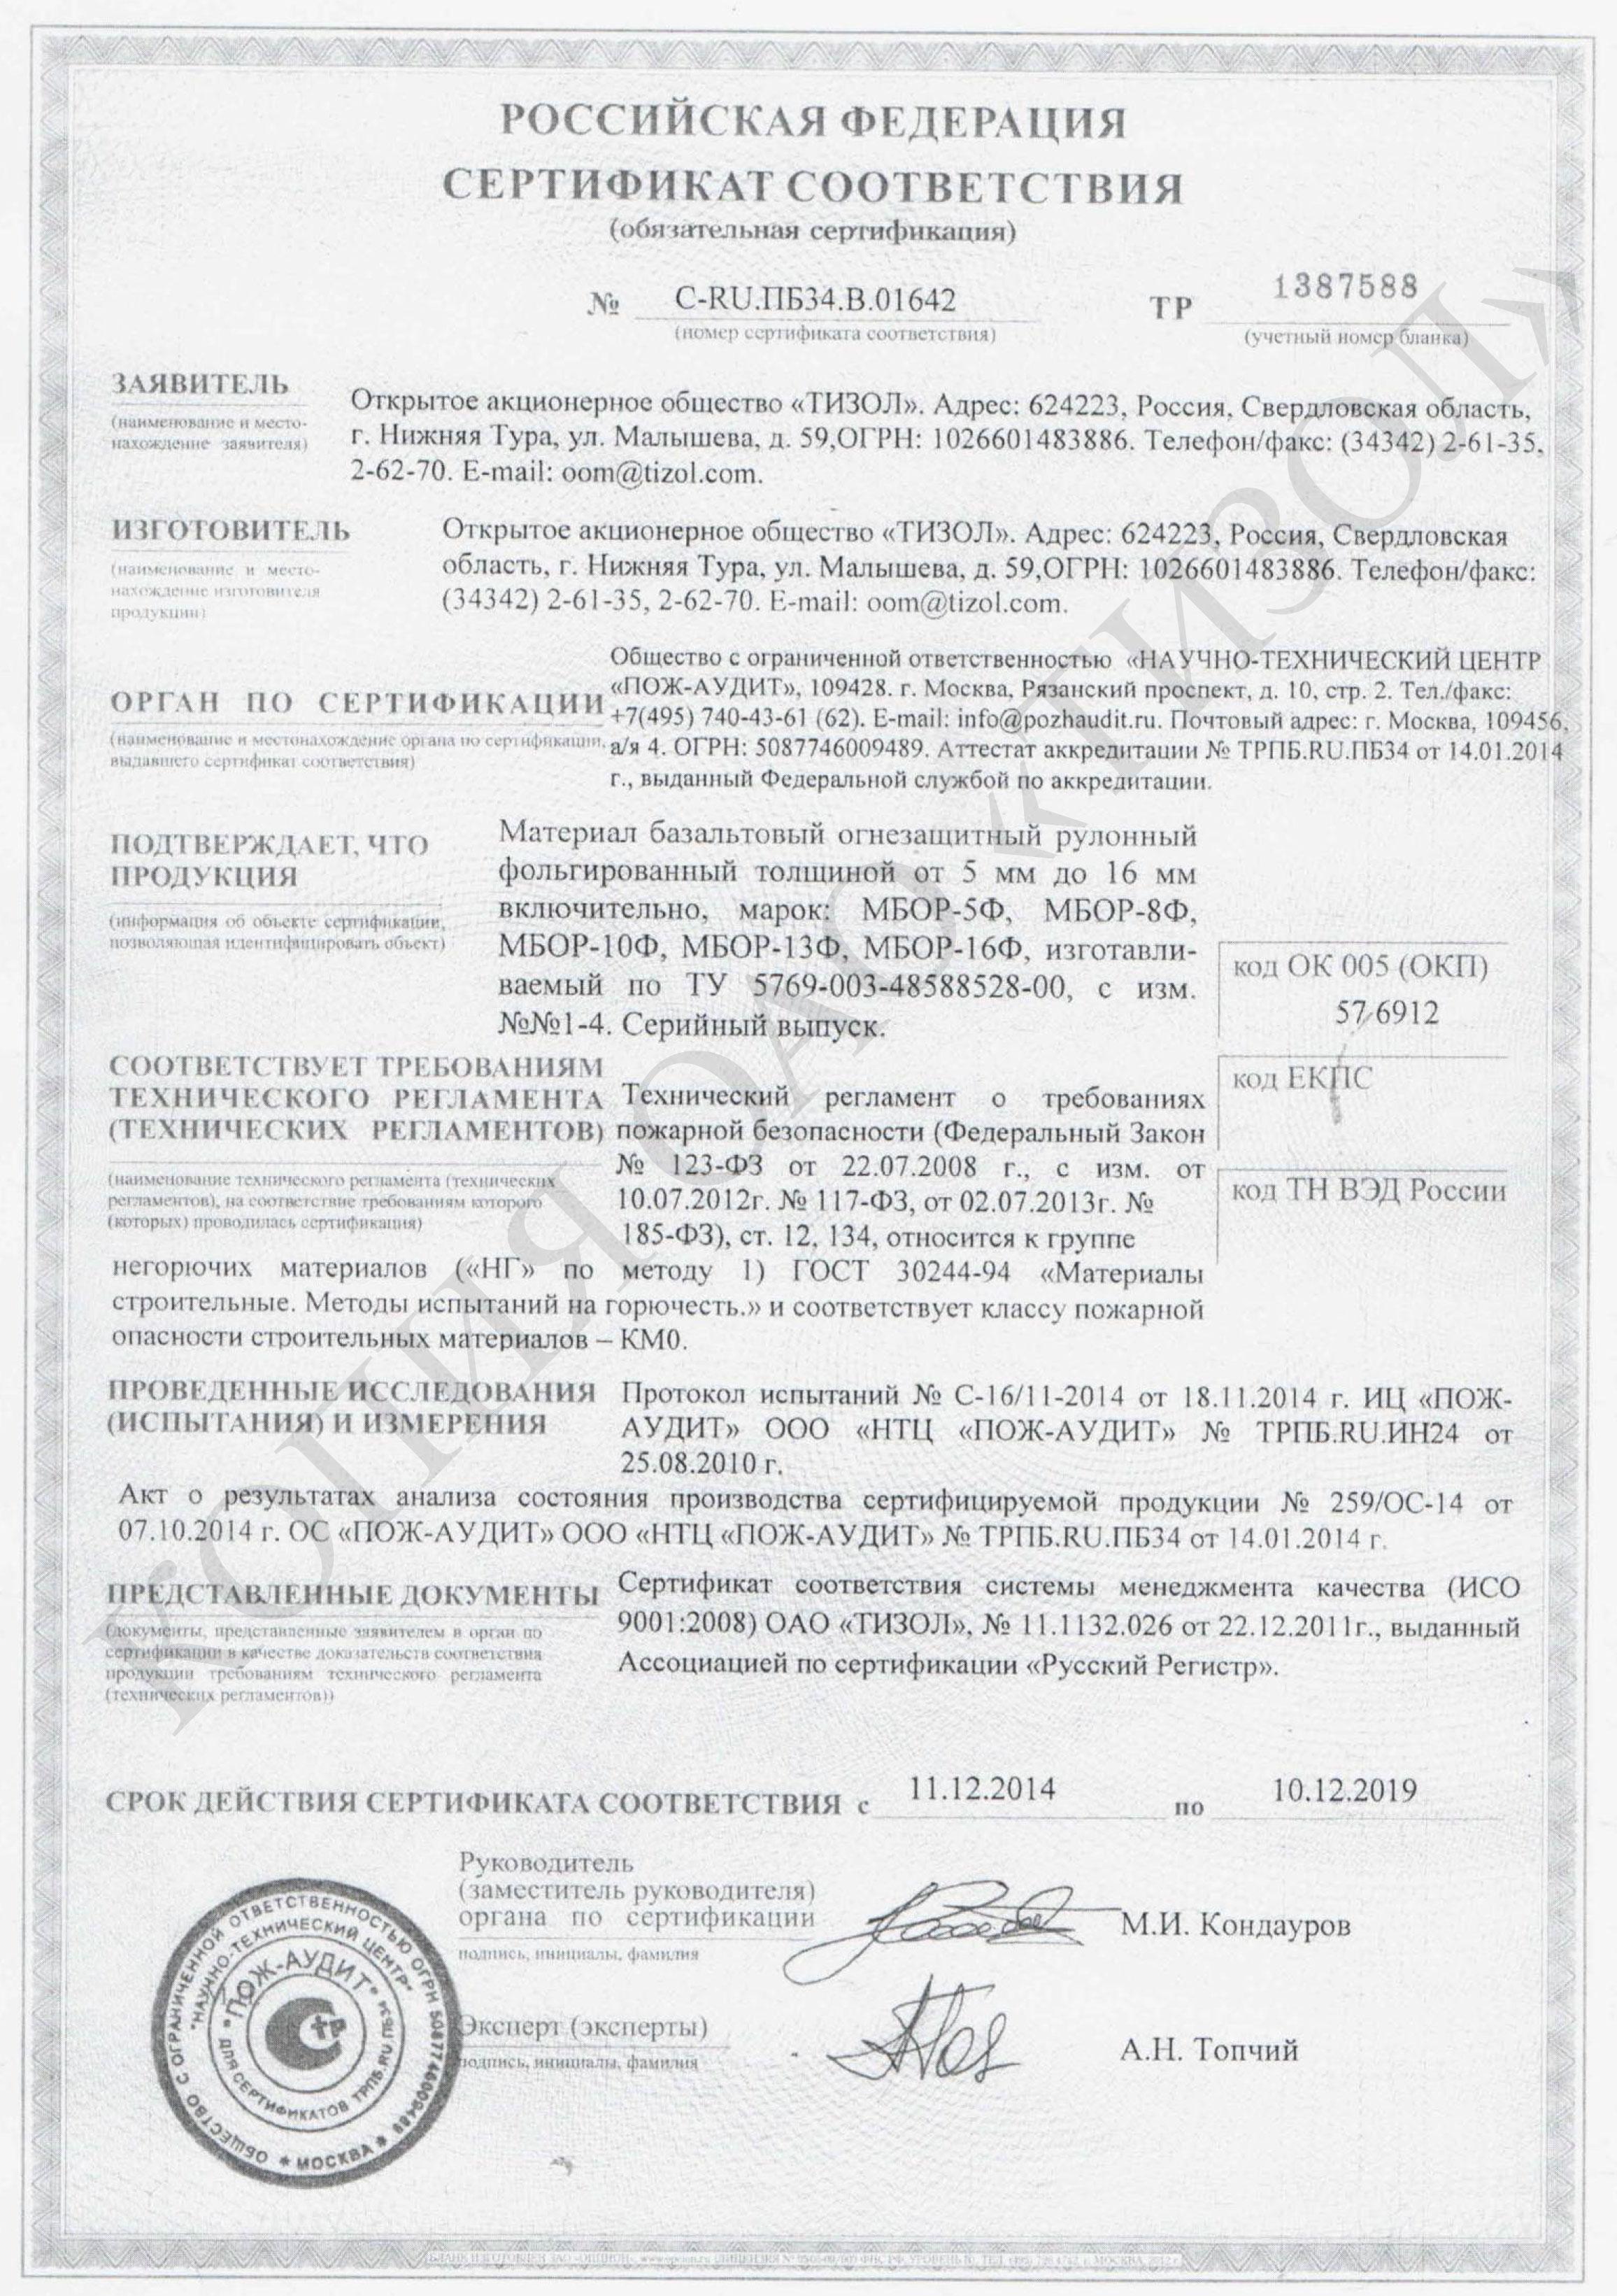 Паспорт на огнеупорную глину сертификат соответствия